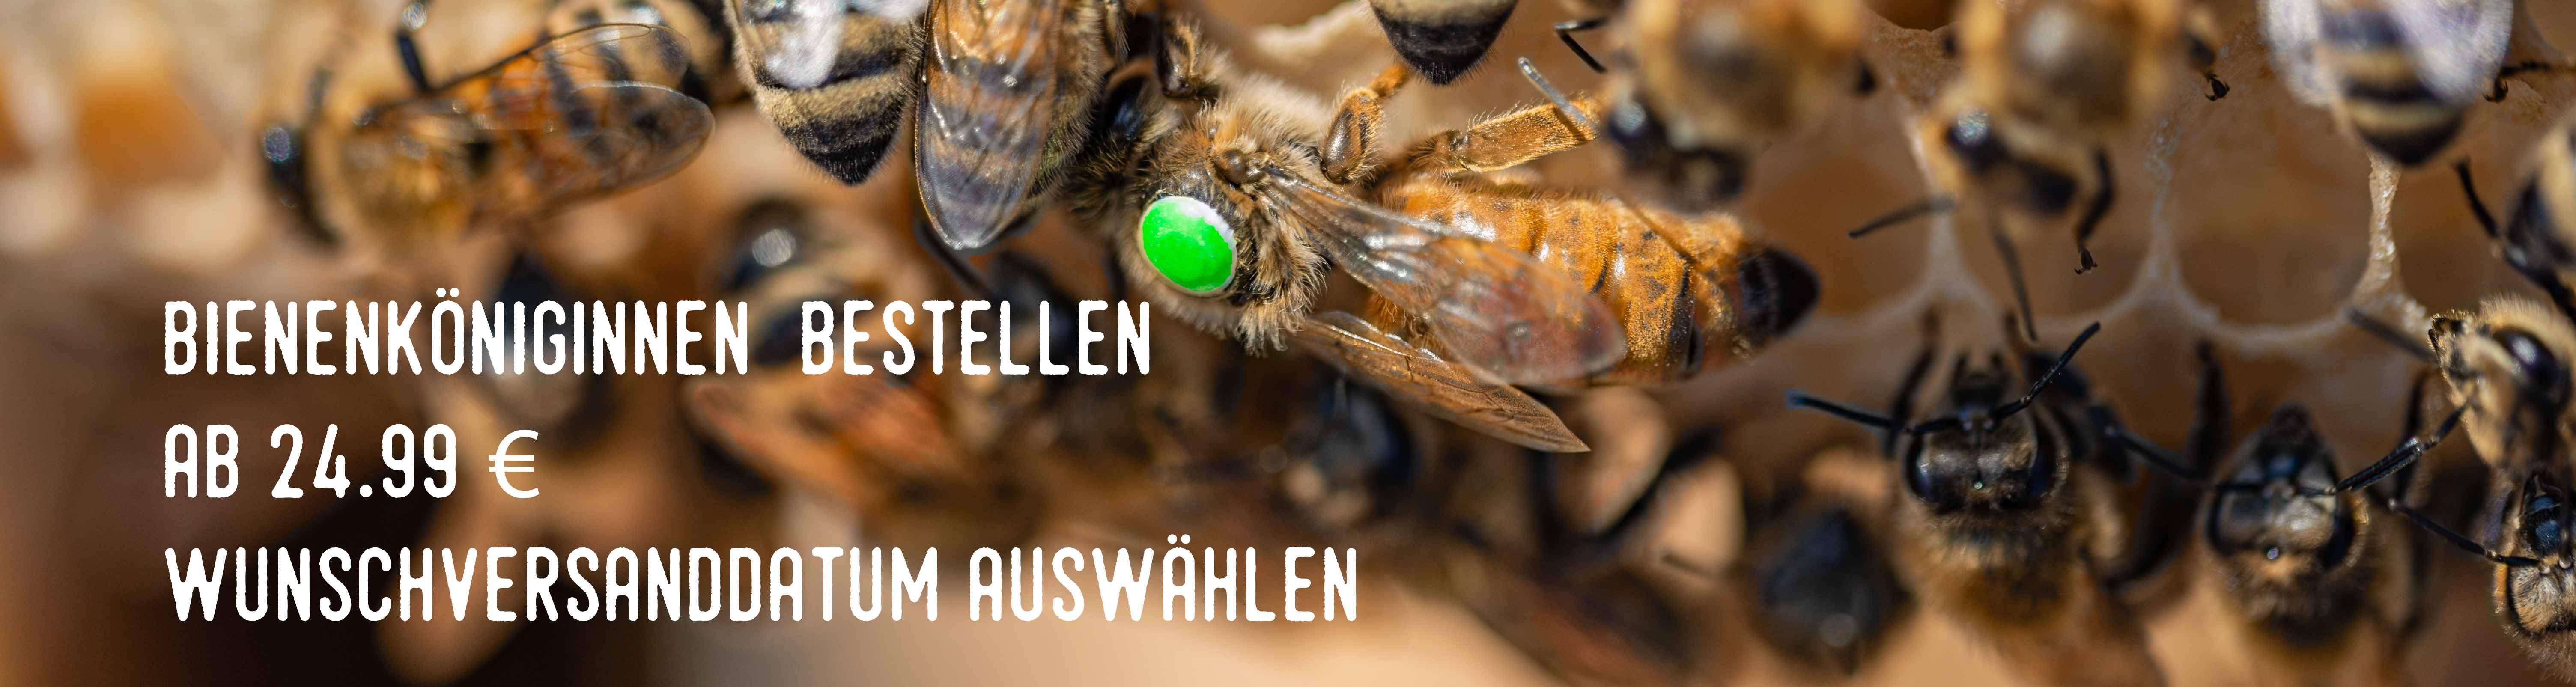 Bestellungen Bienenköniginnen